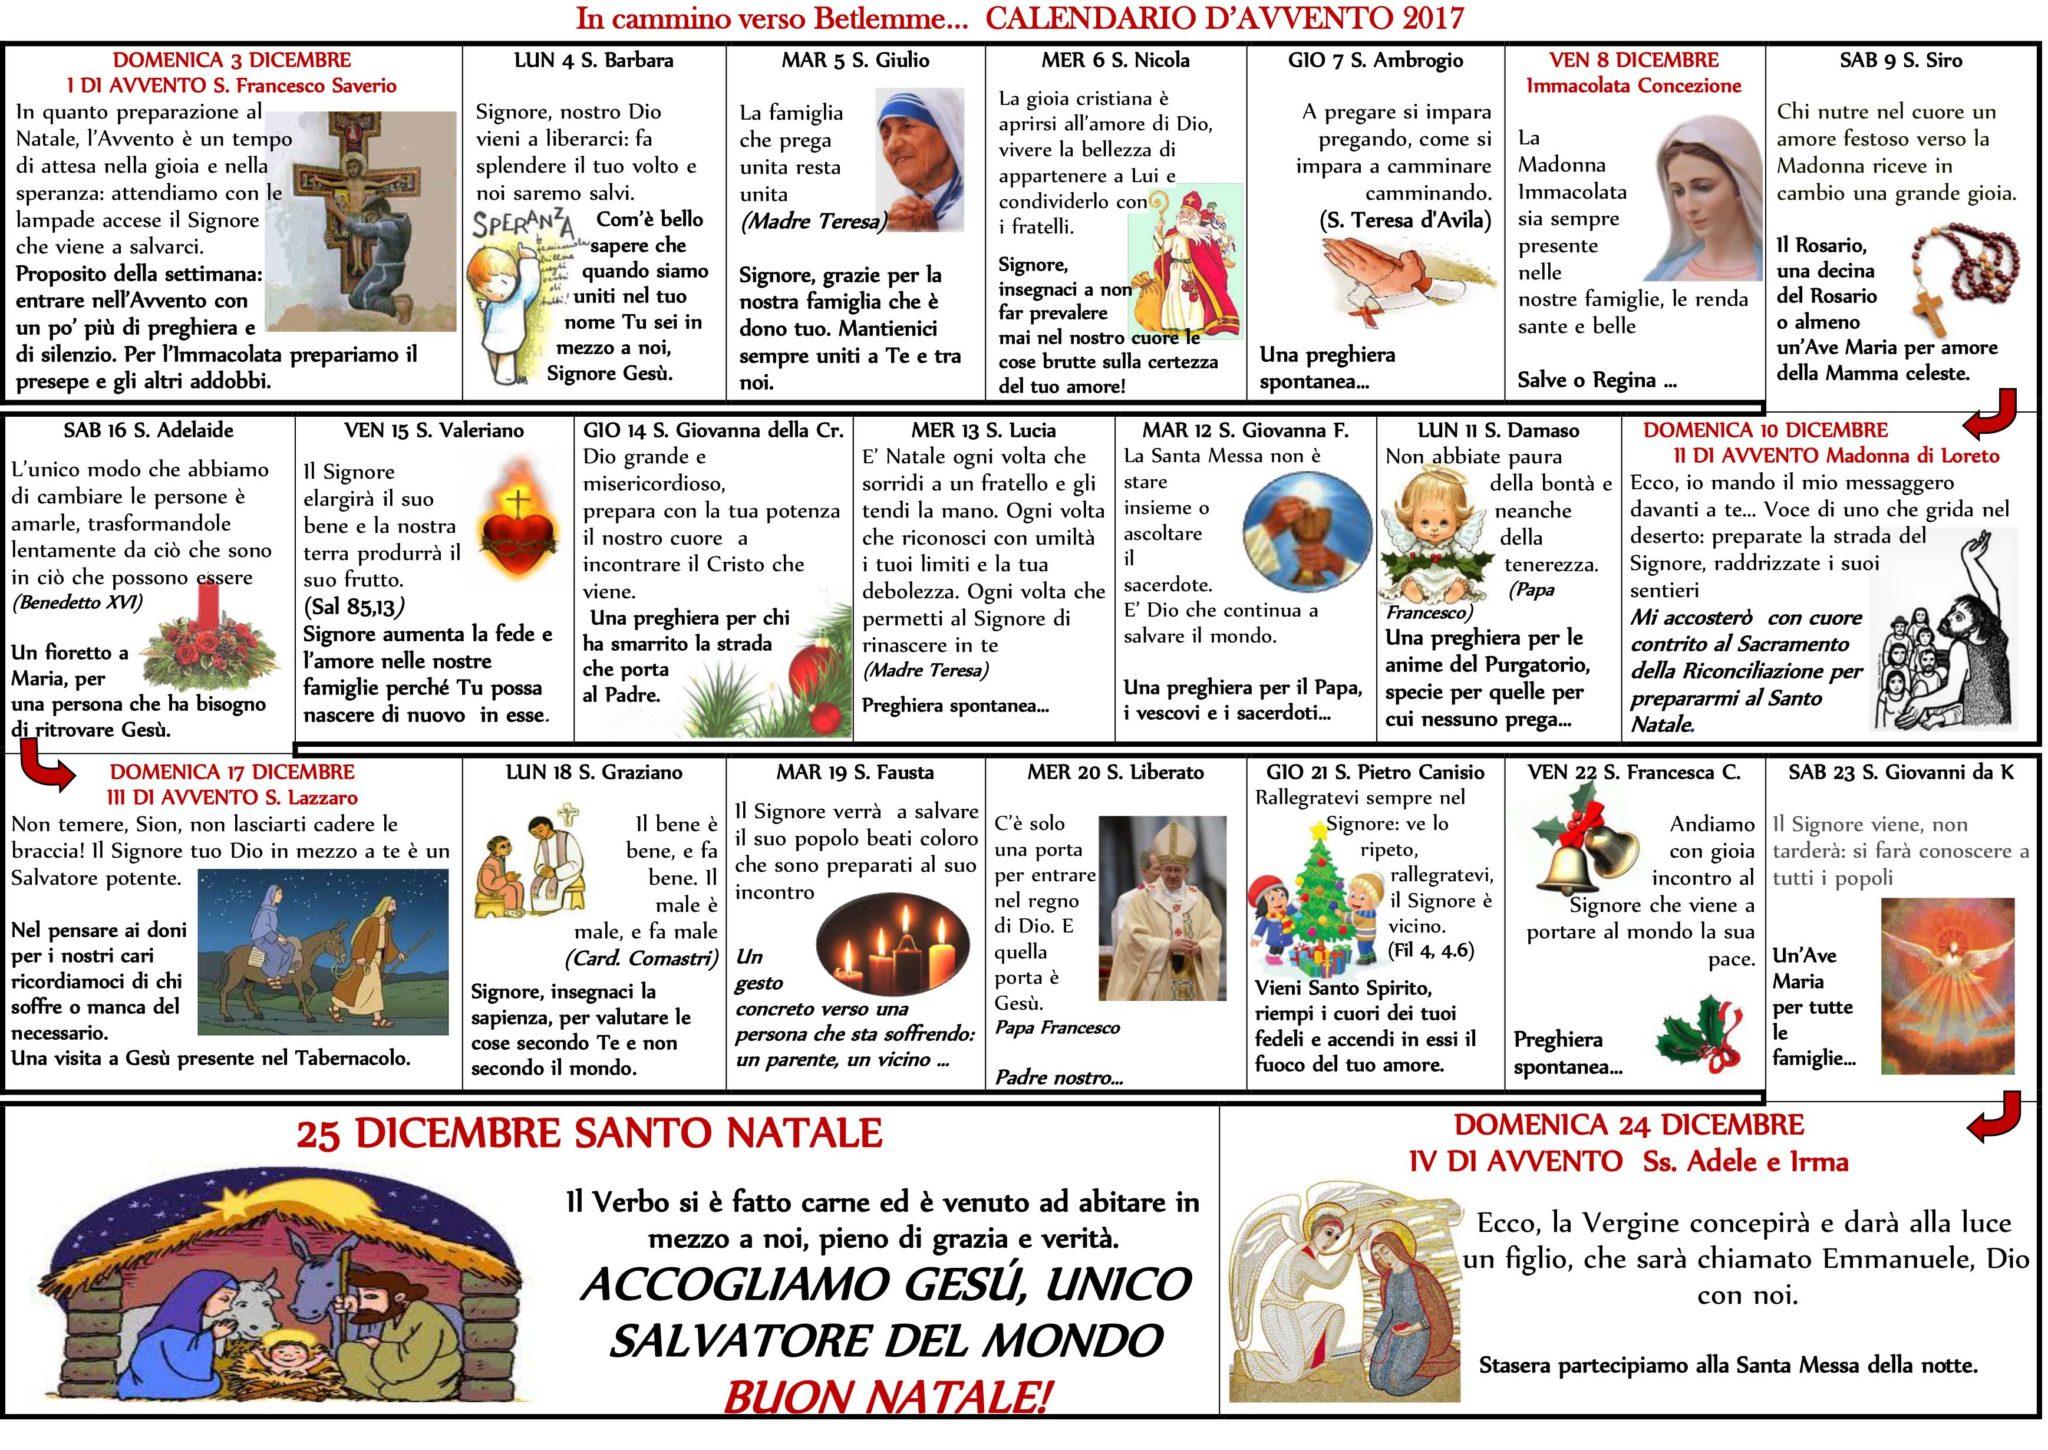 Tutti I Santi Del Calendario.Calendario Avvento 2017 Ecco I Tuoi Bambini